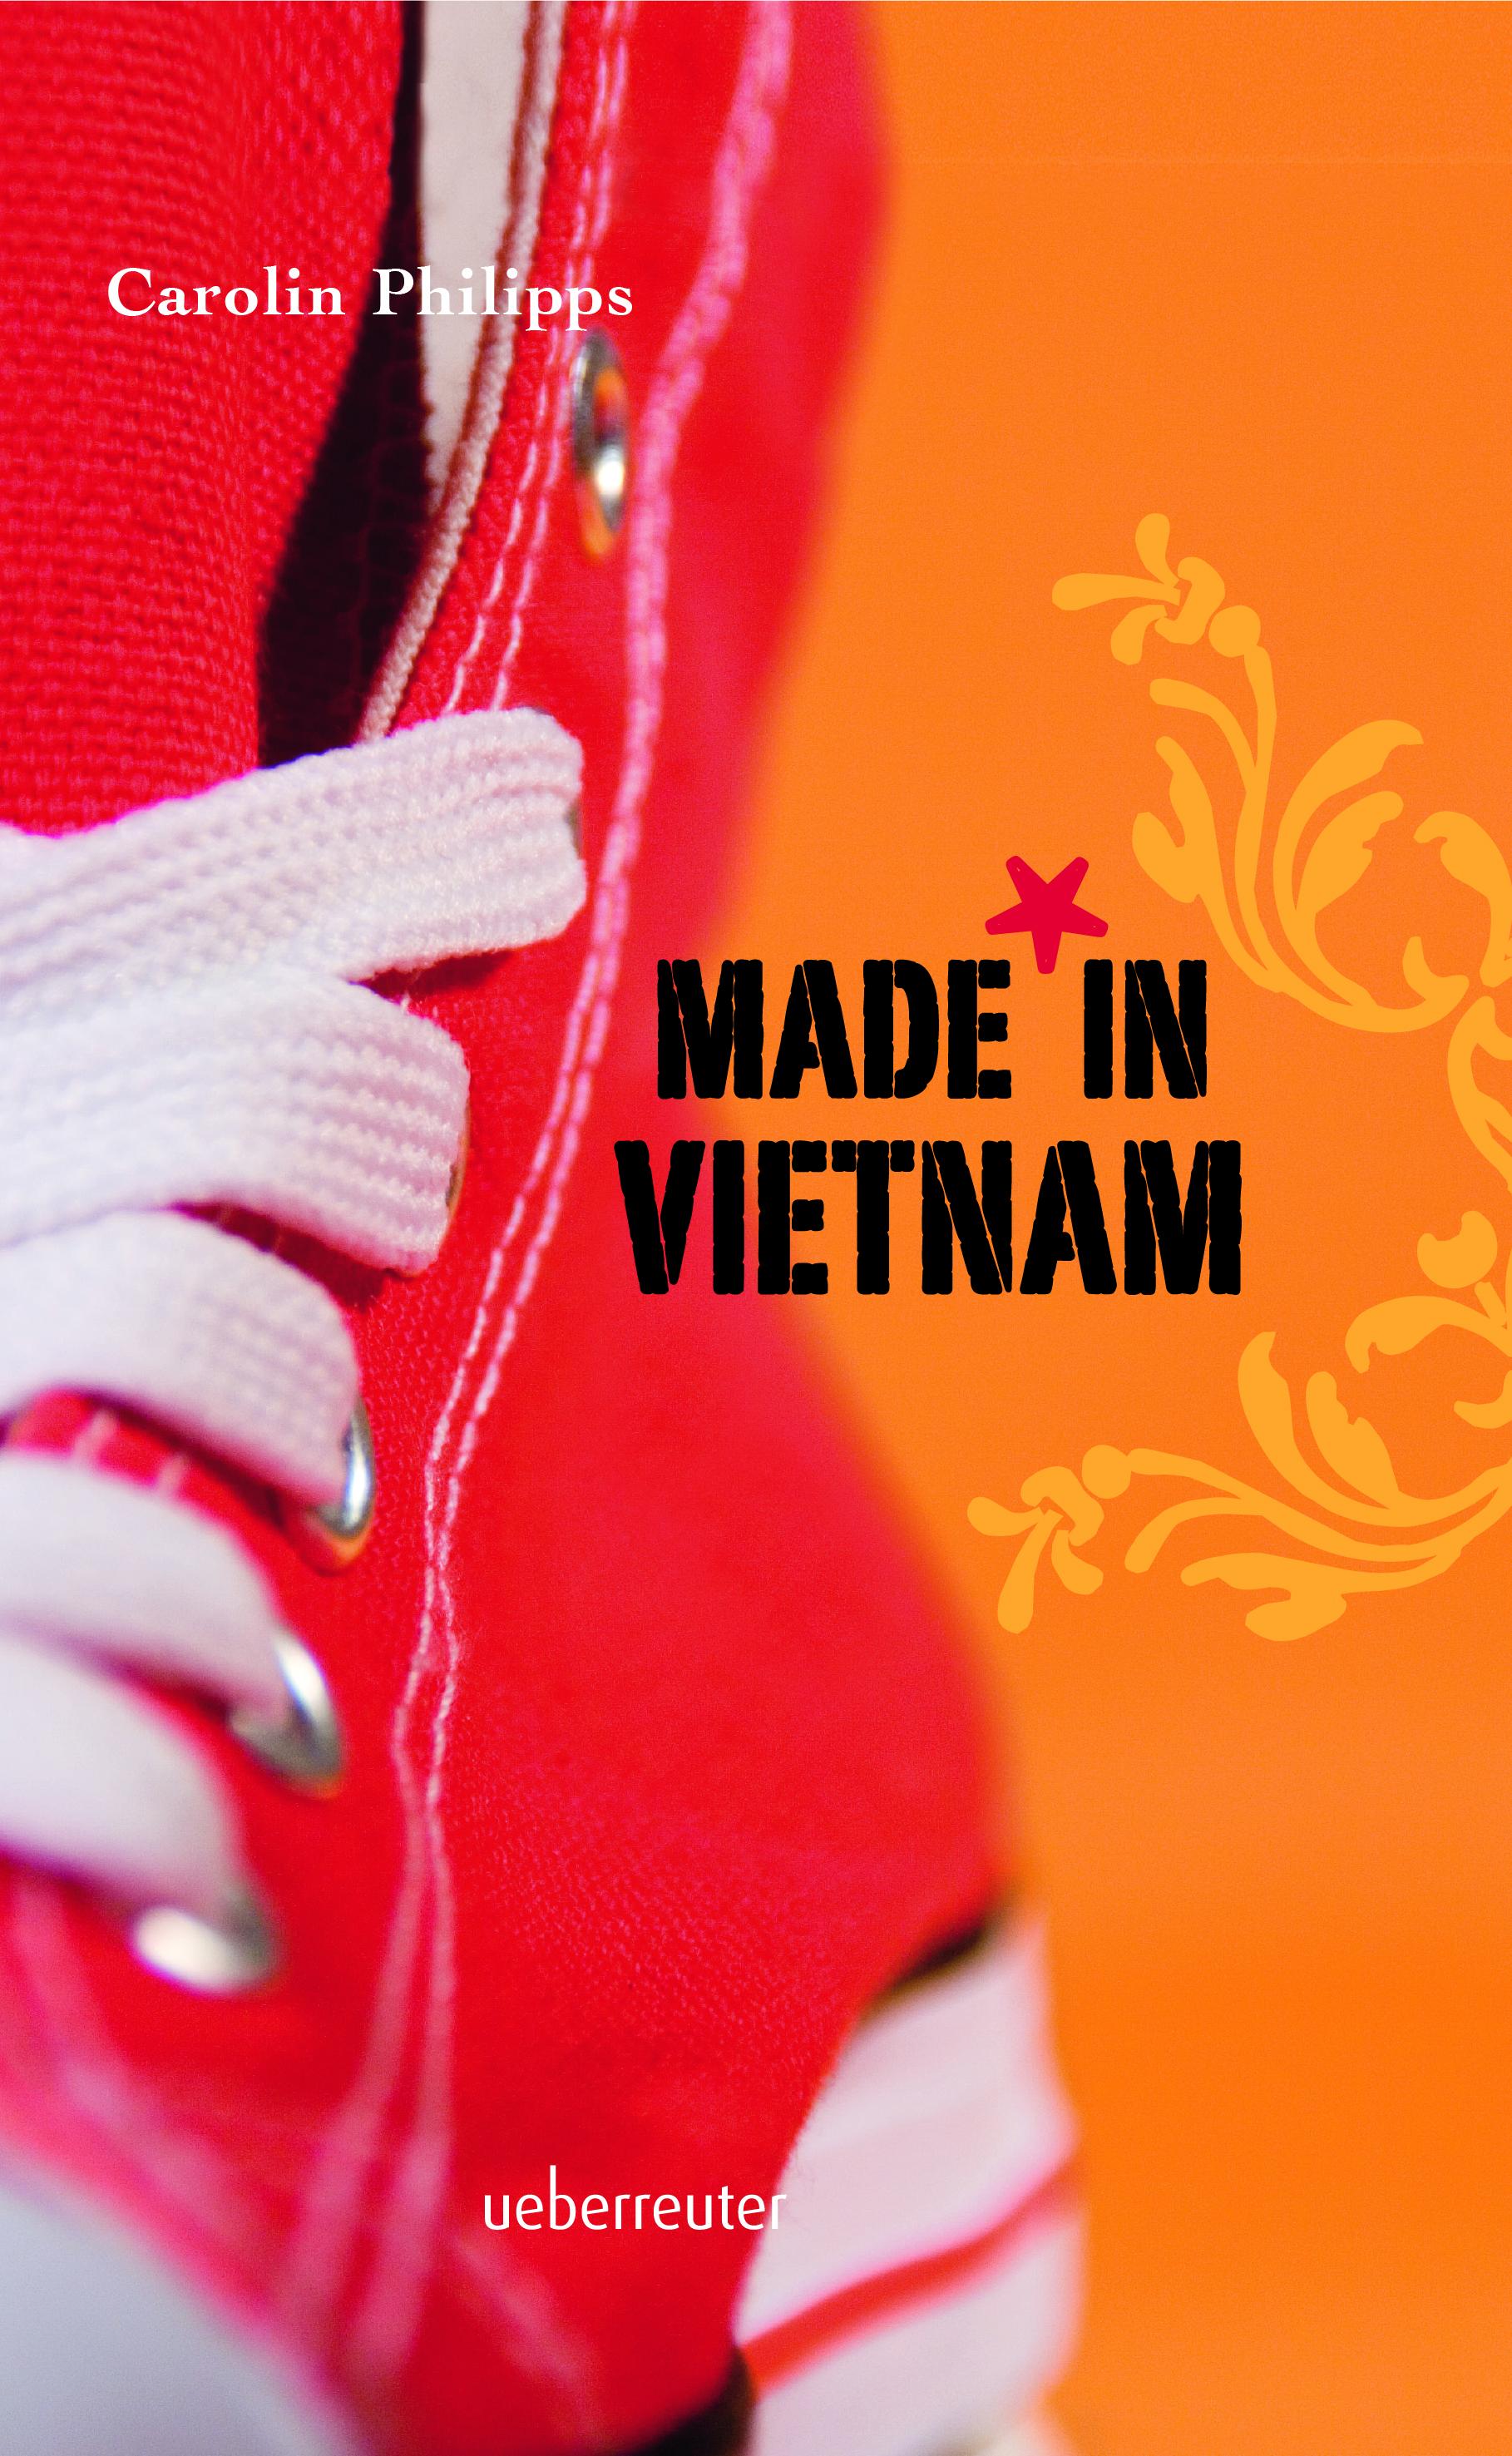 Made in Vietnam | Ueberreuter